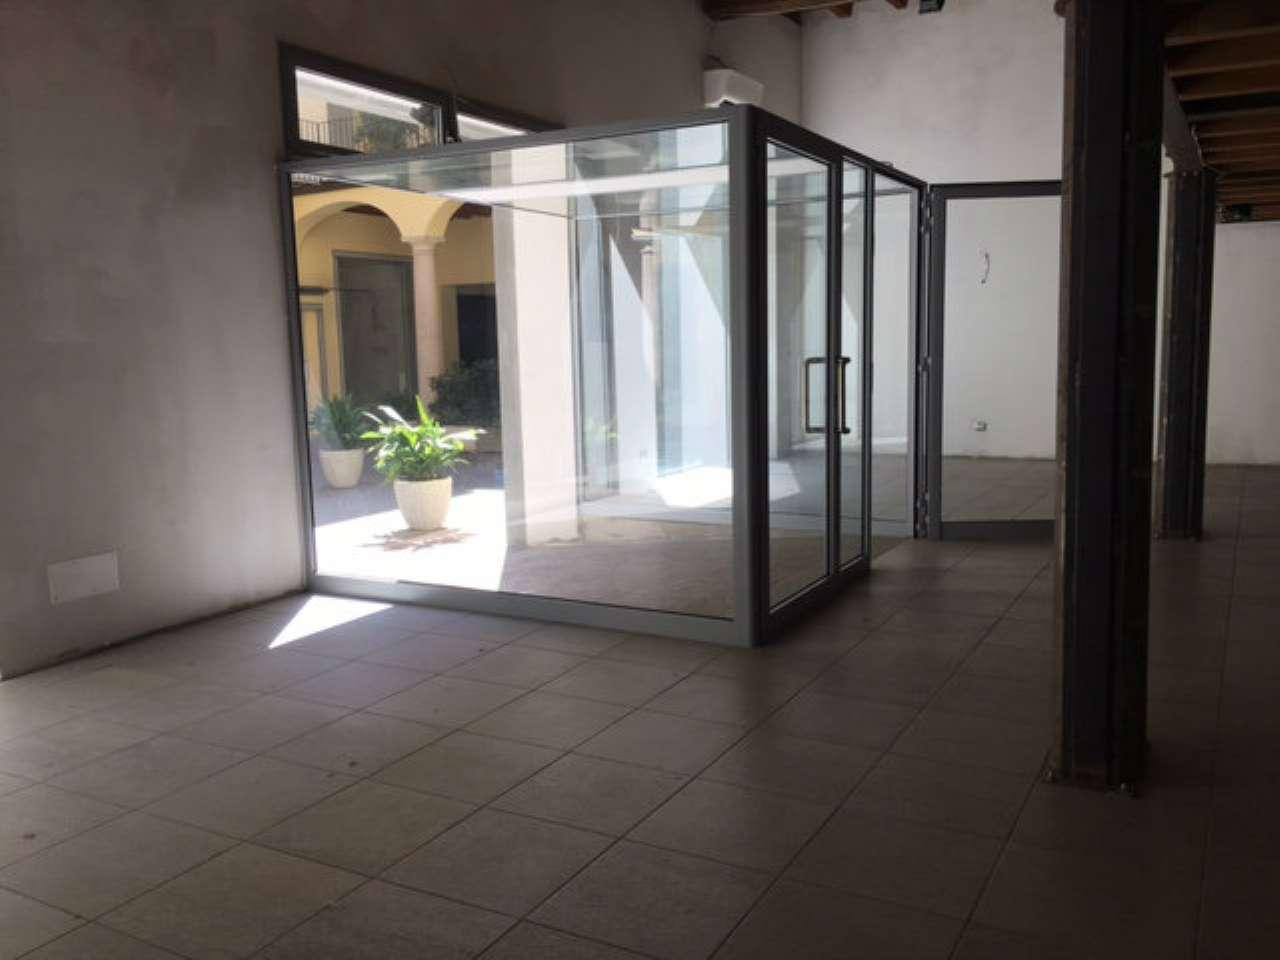 Negozio / Locale in affitto a Treviglio, 2 locali, prezzo € 800 | CambioCasa.it